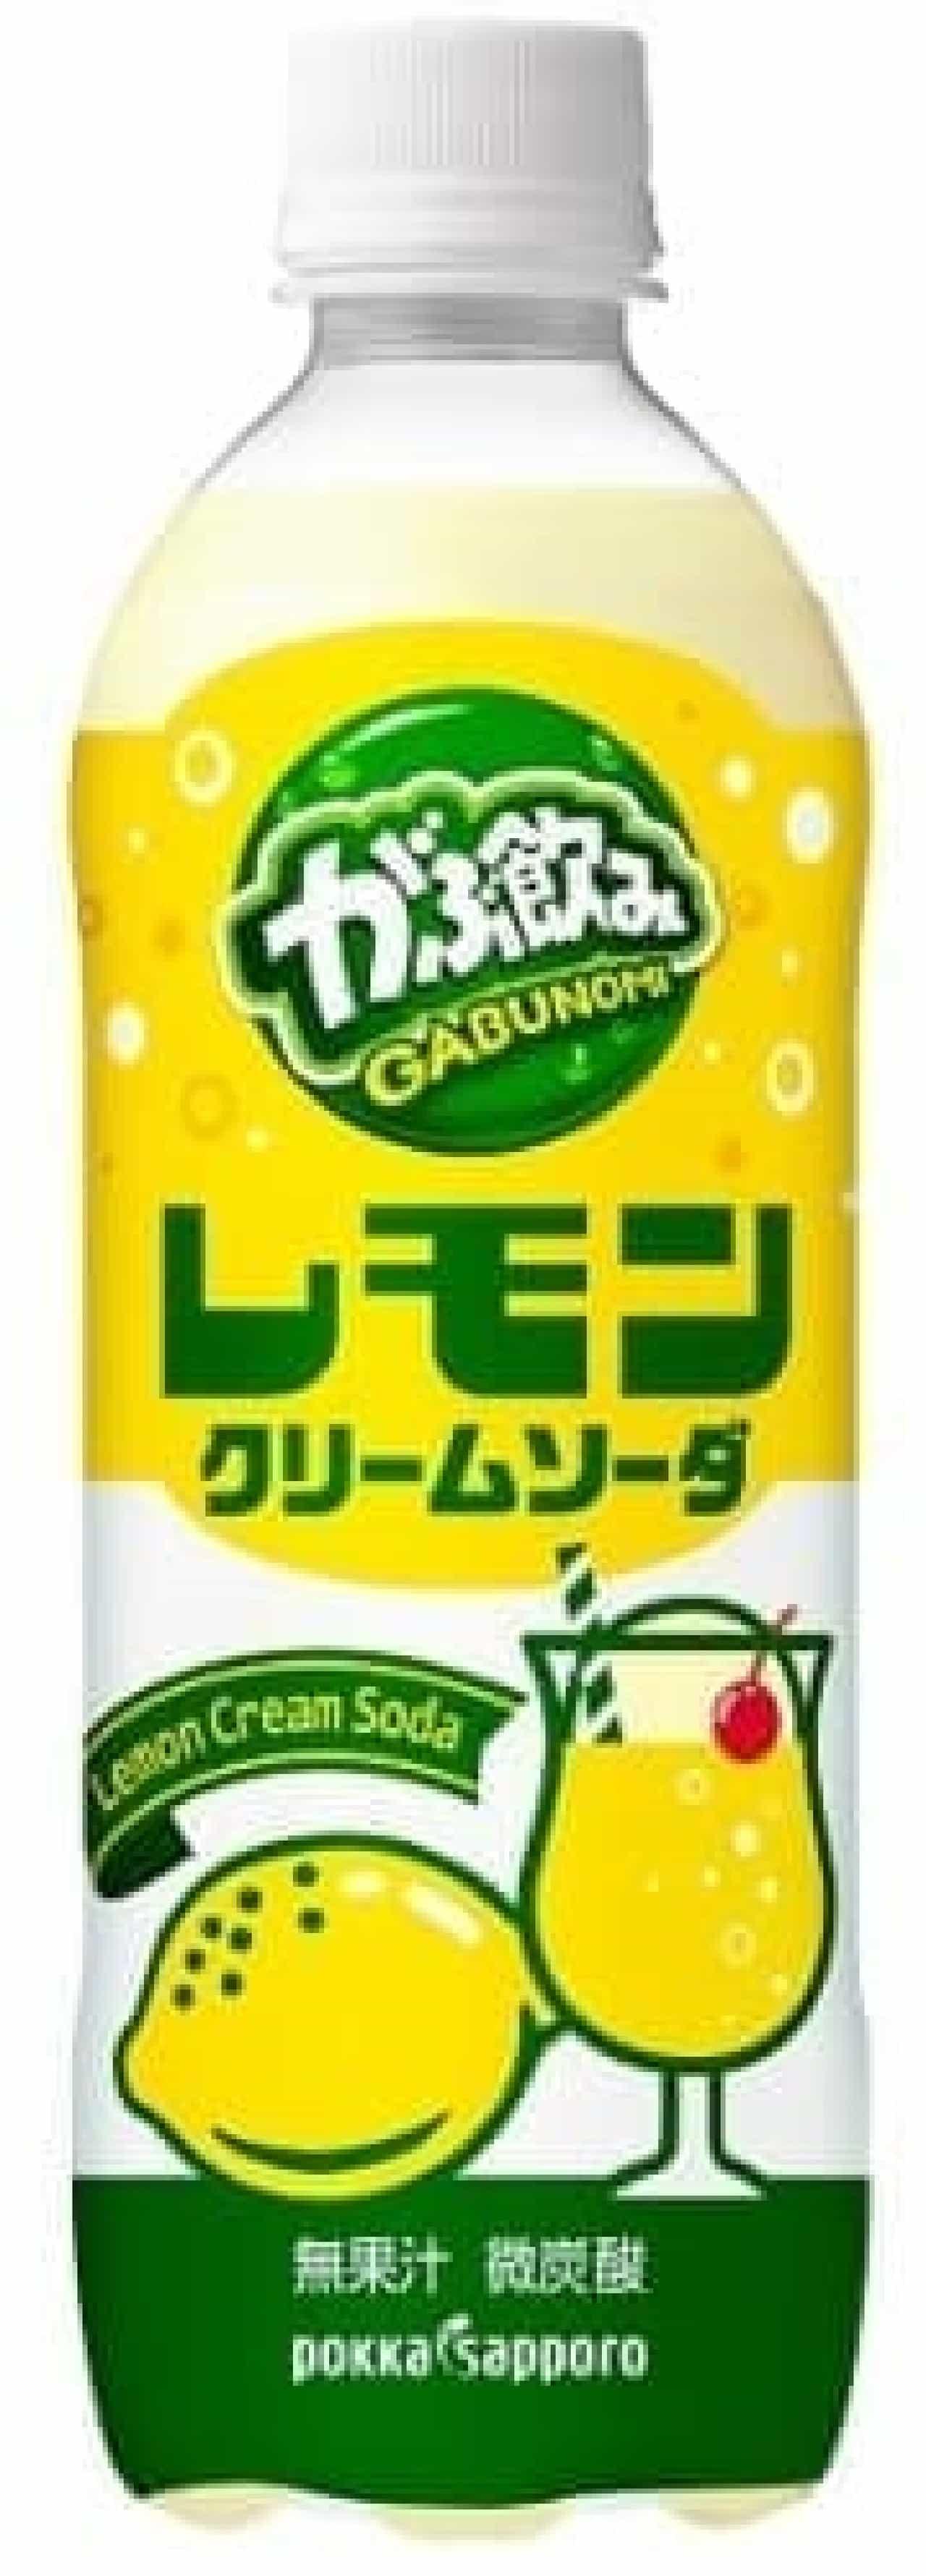 ポッカサッポロ「がぶ飲み レモンクリームソーダ」